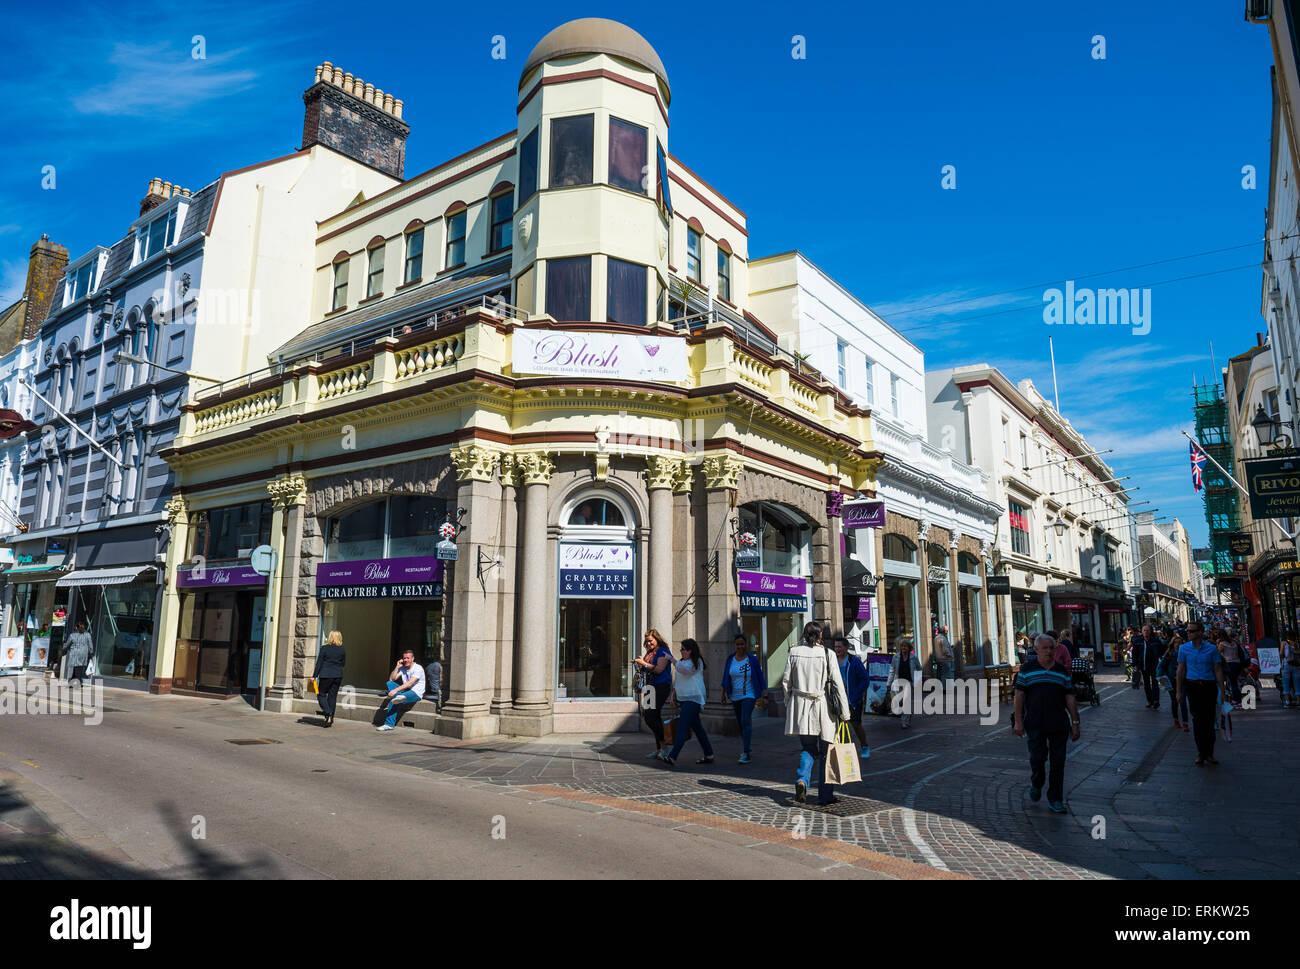 Pedestrian zone in St. Helier, Jersey, Channel Islands, United Kingdom, Europe - Stock Image